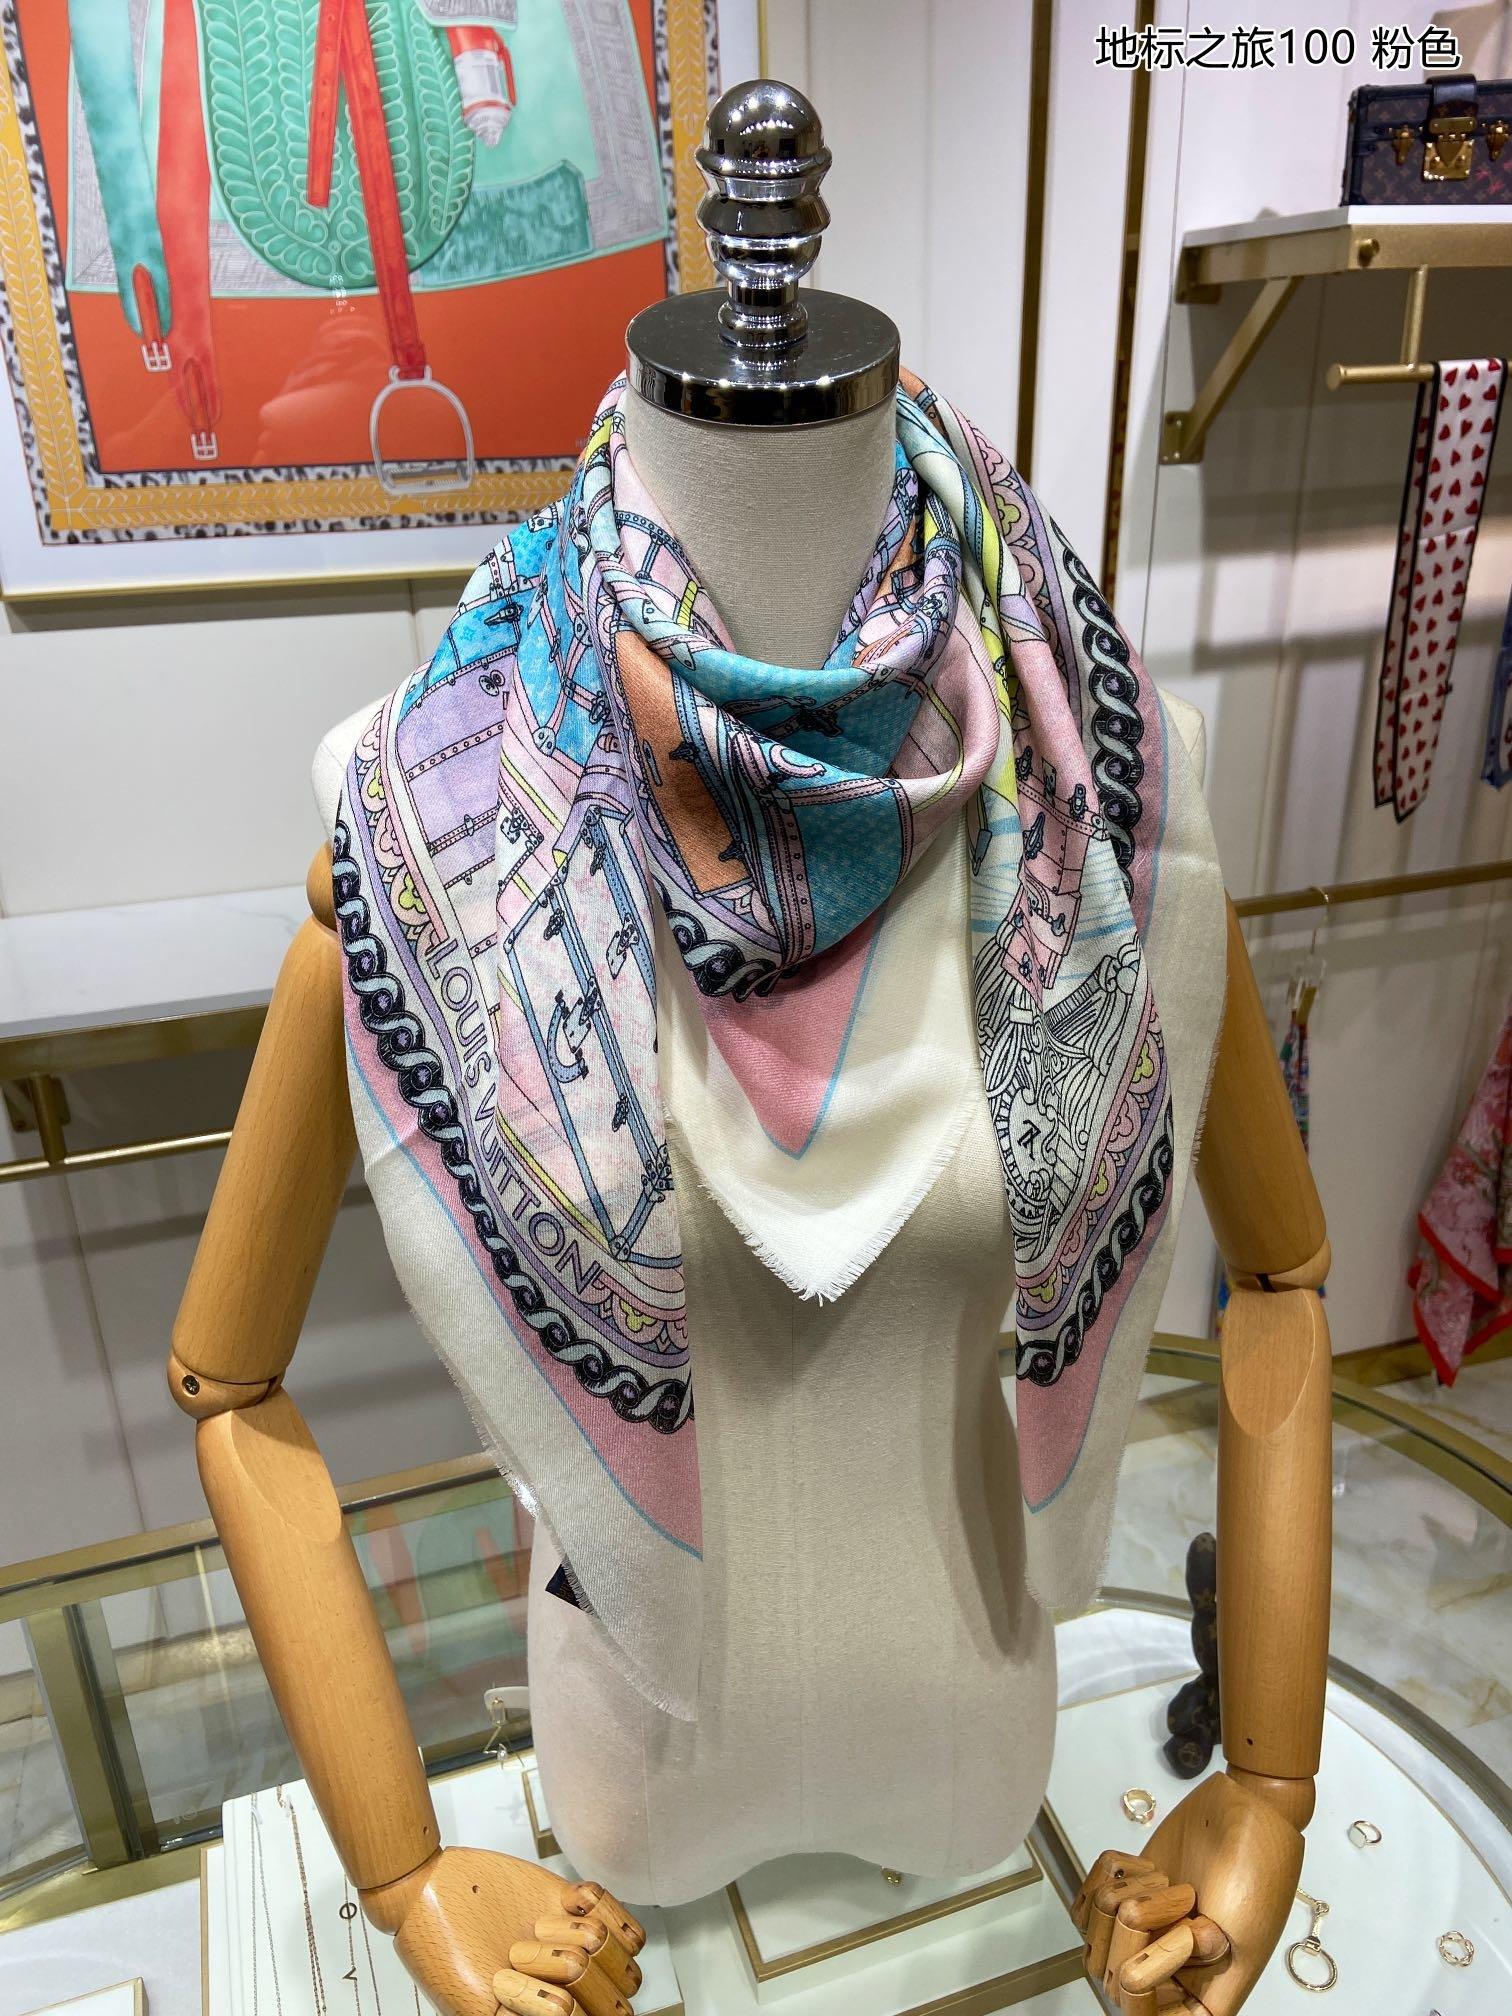 新美极了驴家地标之旅100羊绒小方巾